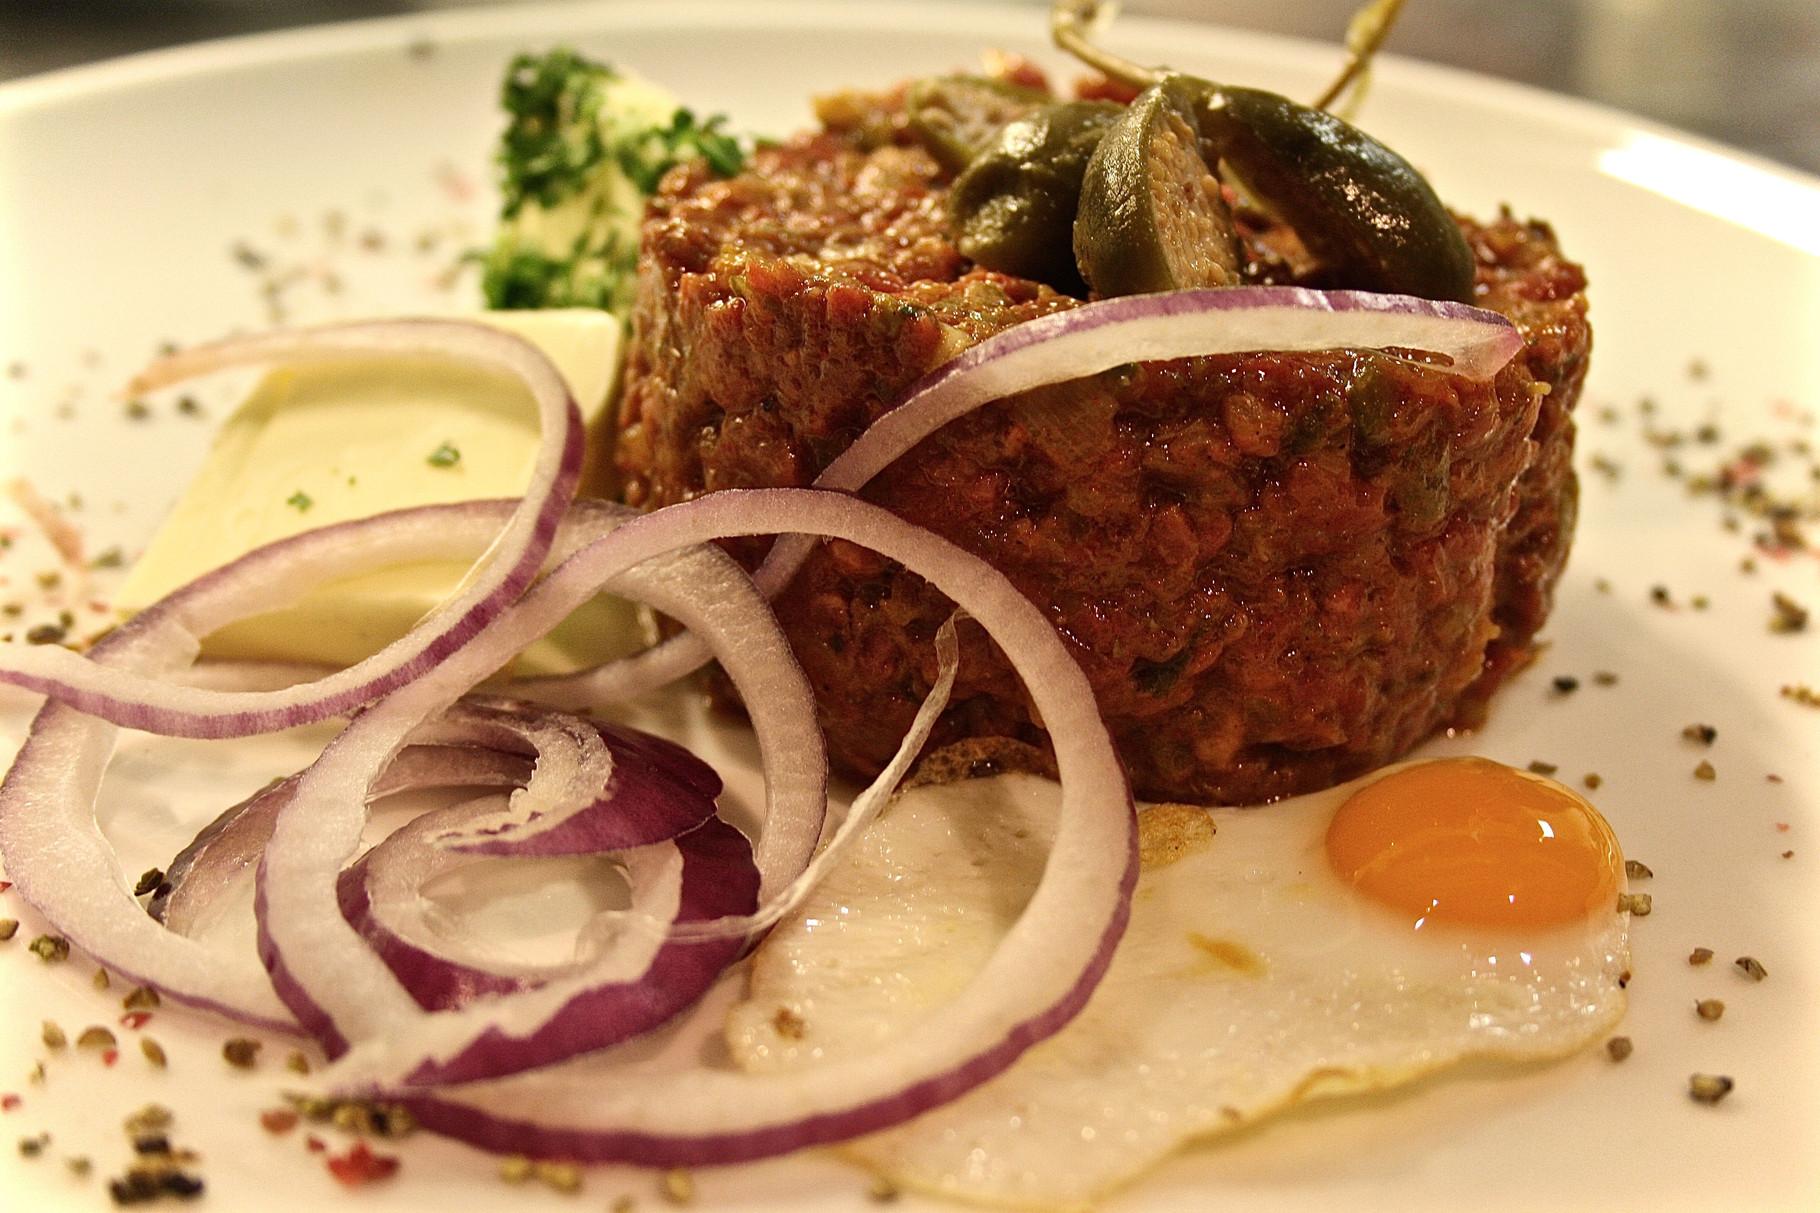 Beef tatar klassisch vom Rinderfilet mit Wachtelspiegelei